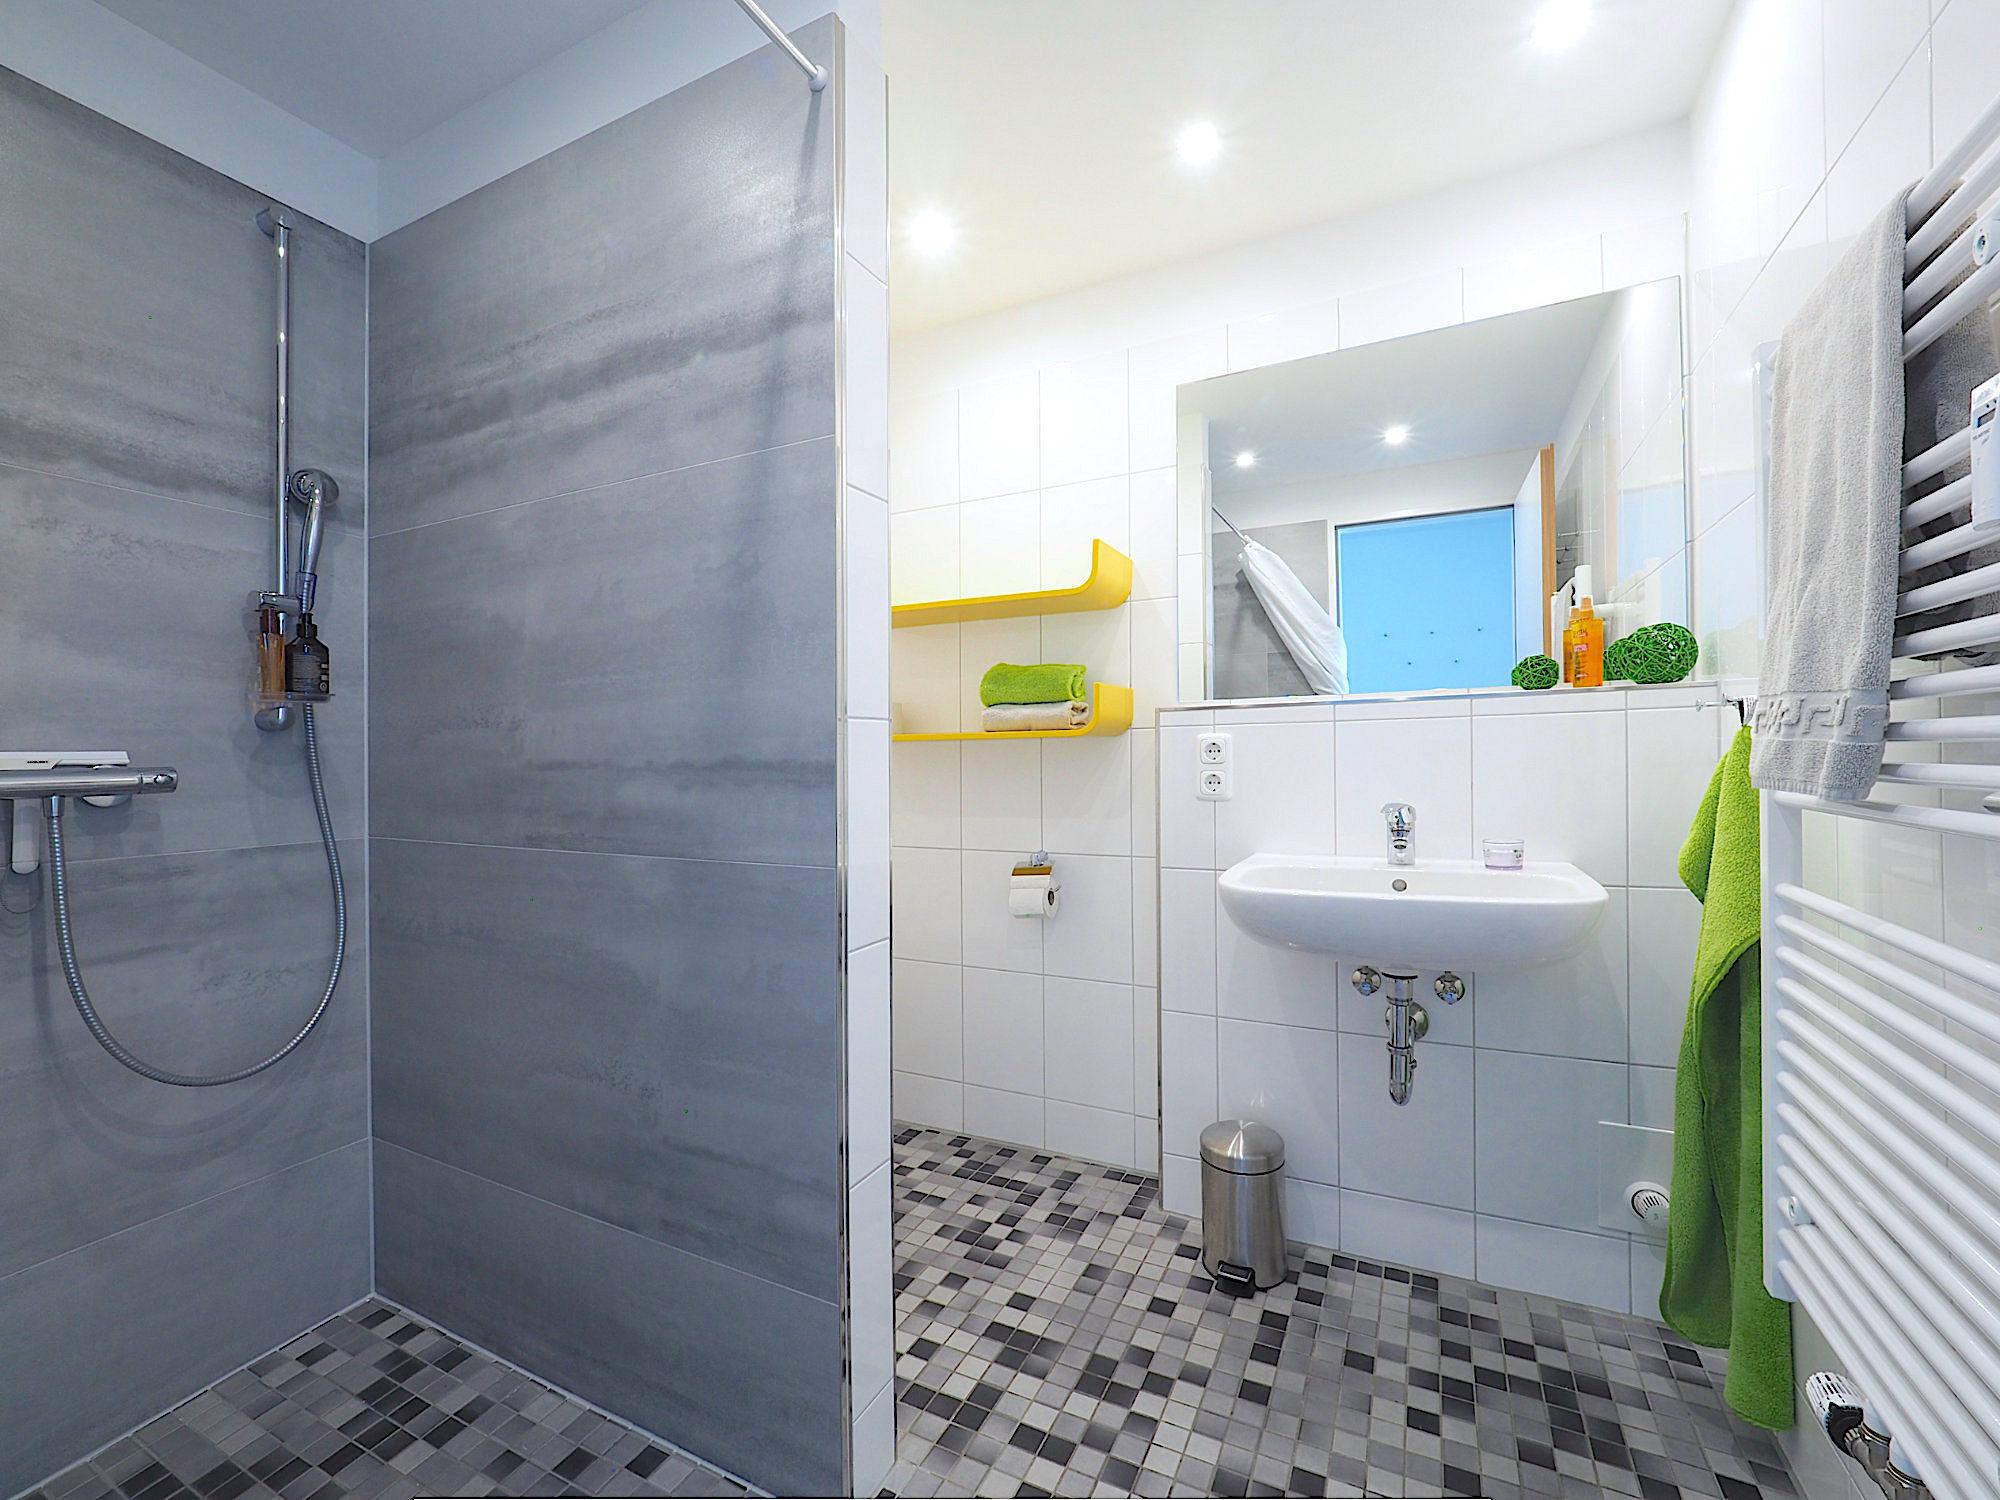 Duschbad mit bodentiefer Dusche, Waschbecken und zwei Regalen, Handtuchheizung